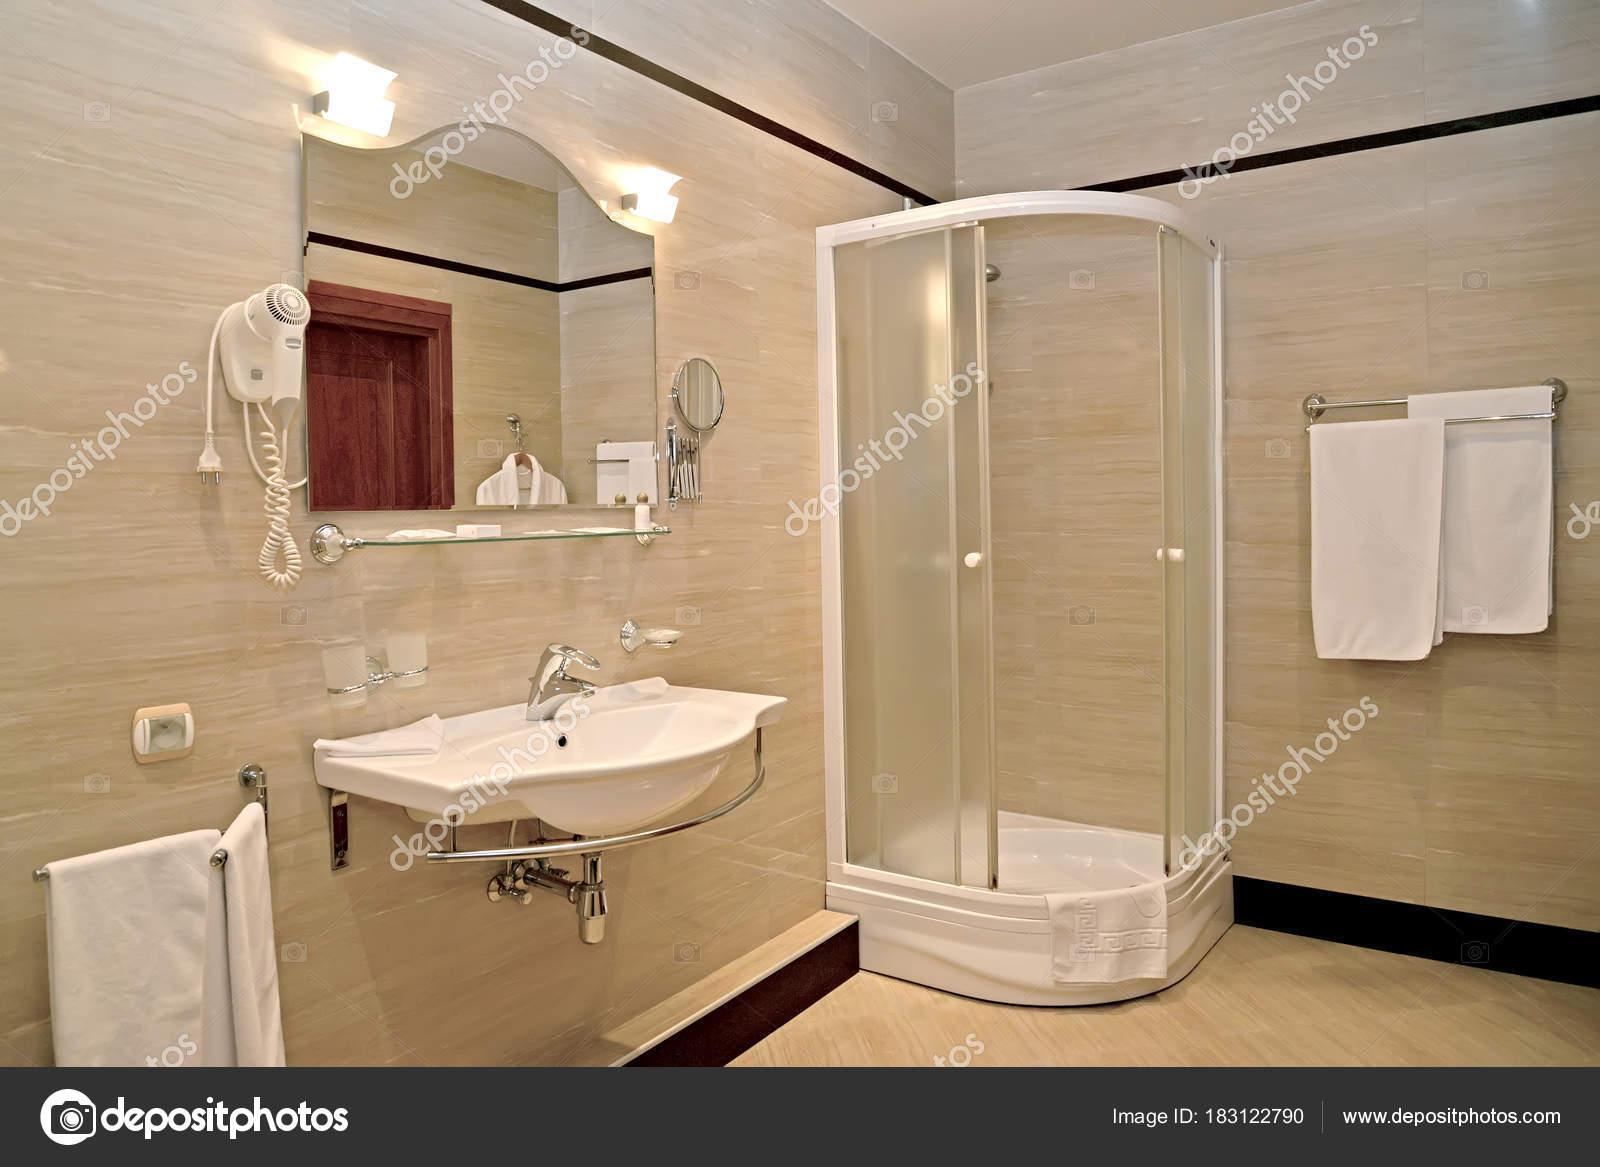 Sala Da Bagno Con Doccia.Interiore Della Stanza Da Bagno Con Una Cabina Doccia E Un